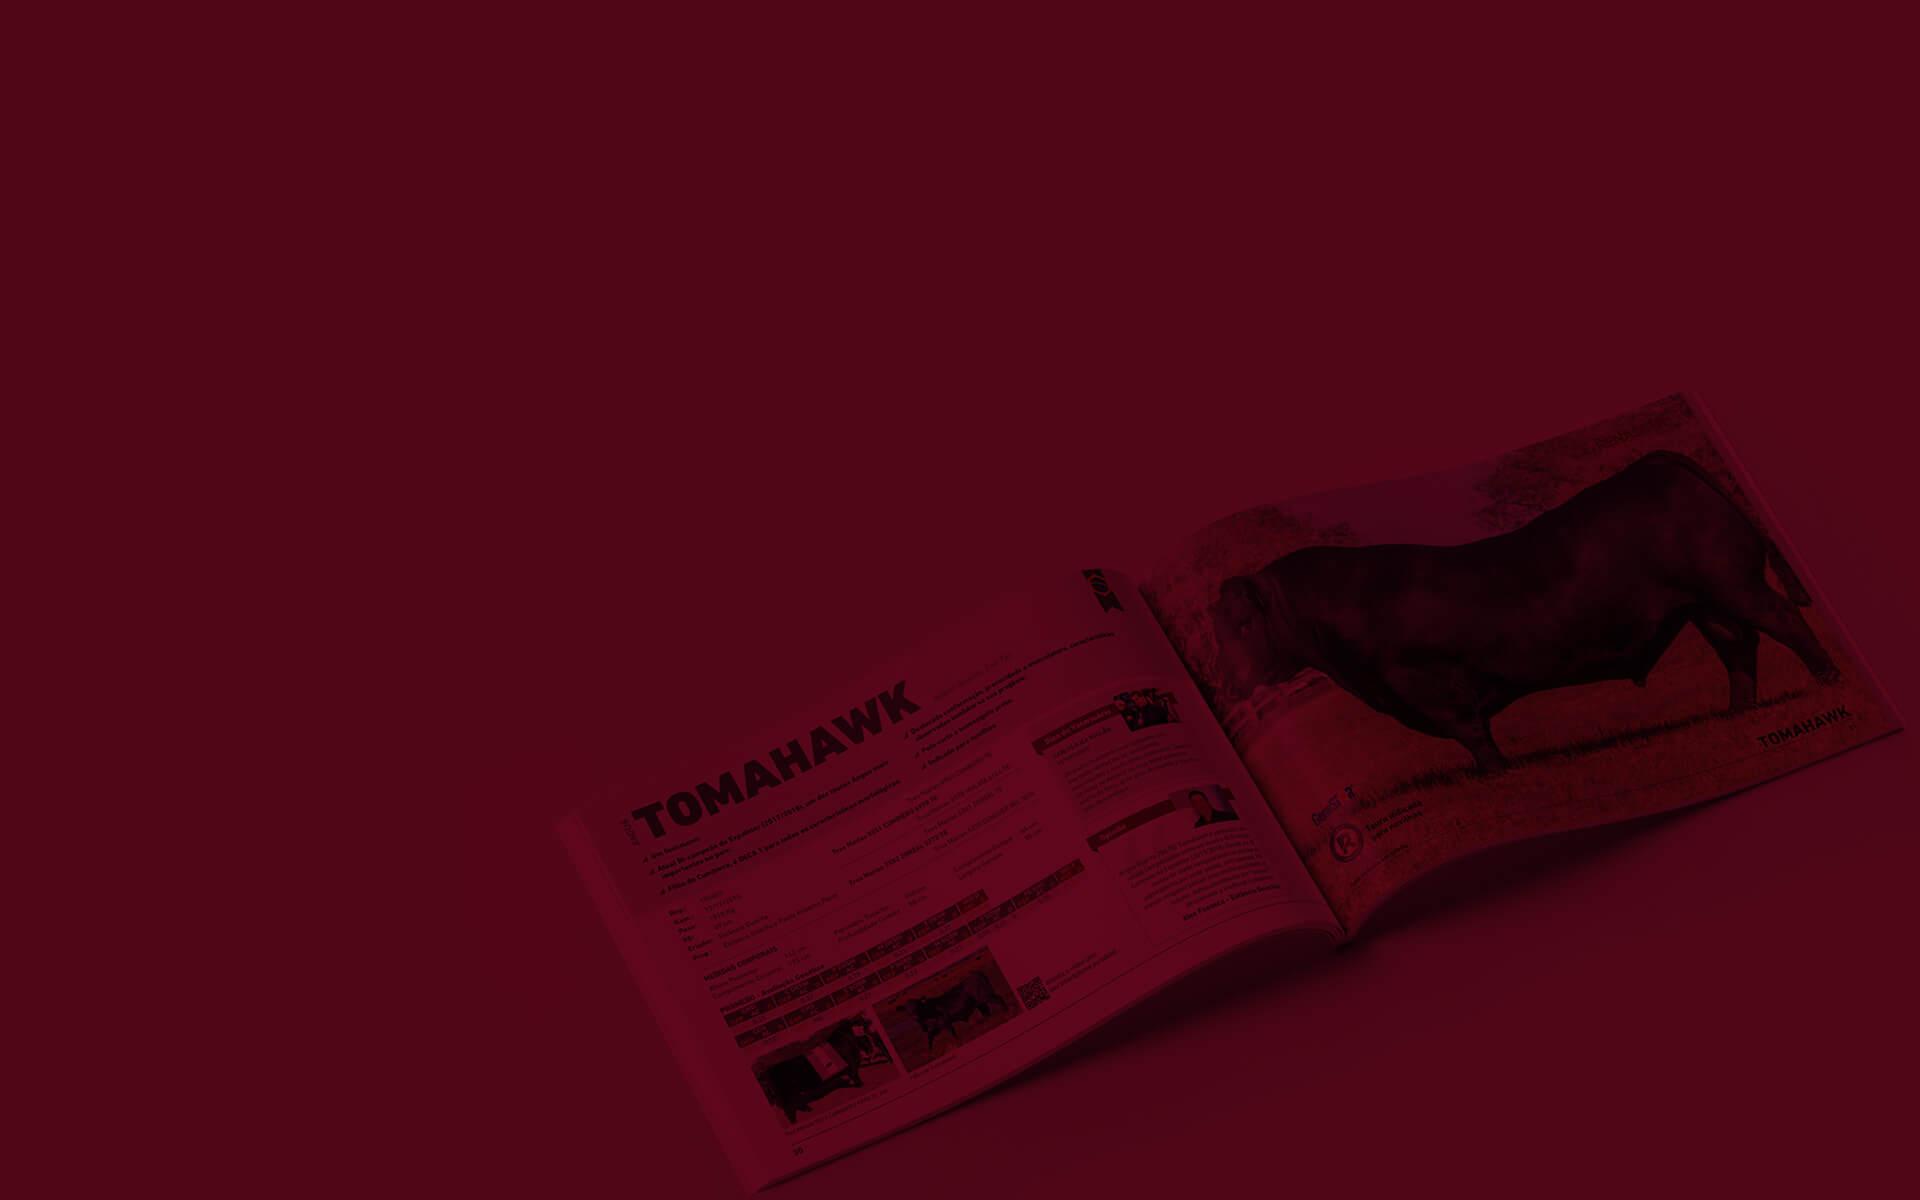 Criação de projeto gráfico de Catálogo de Touros